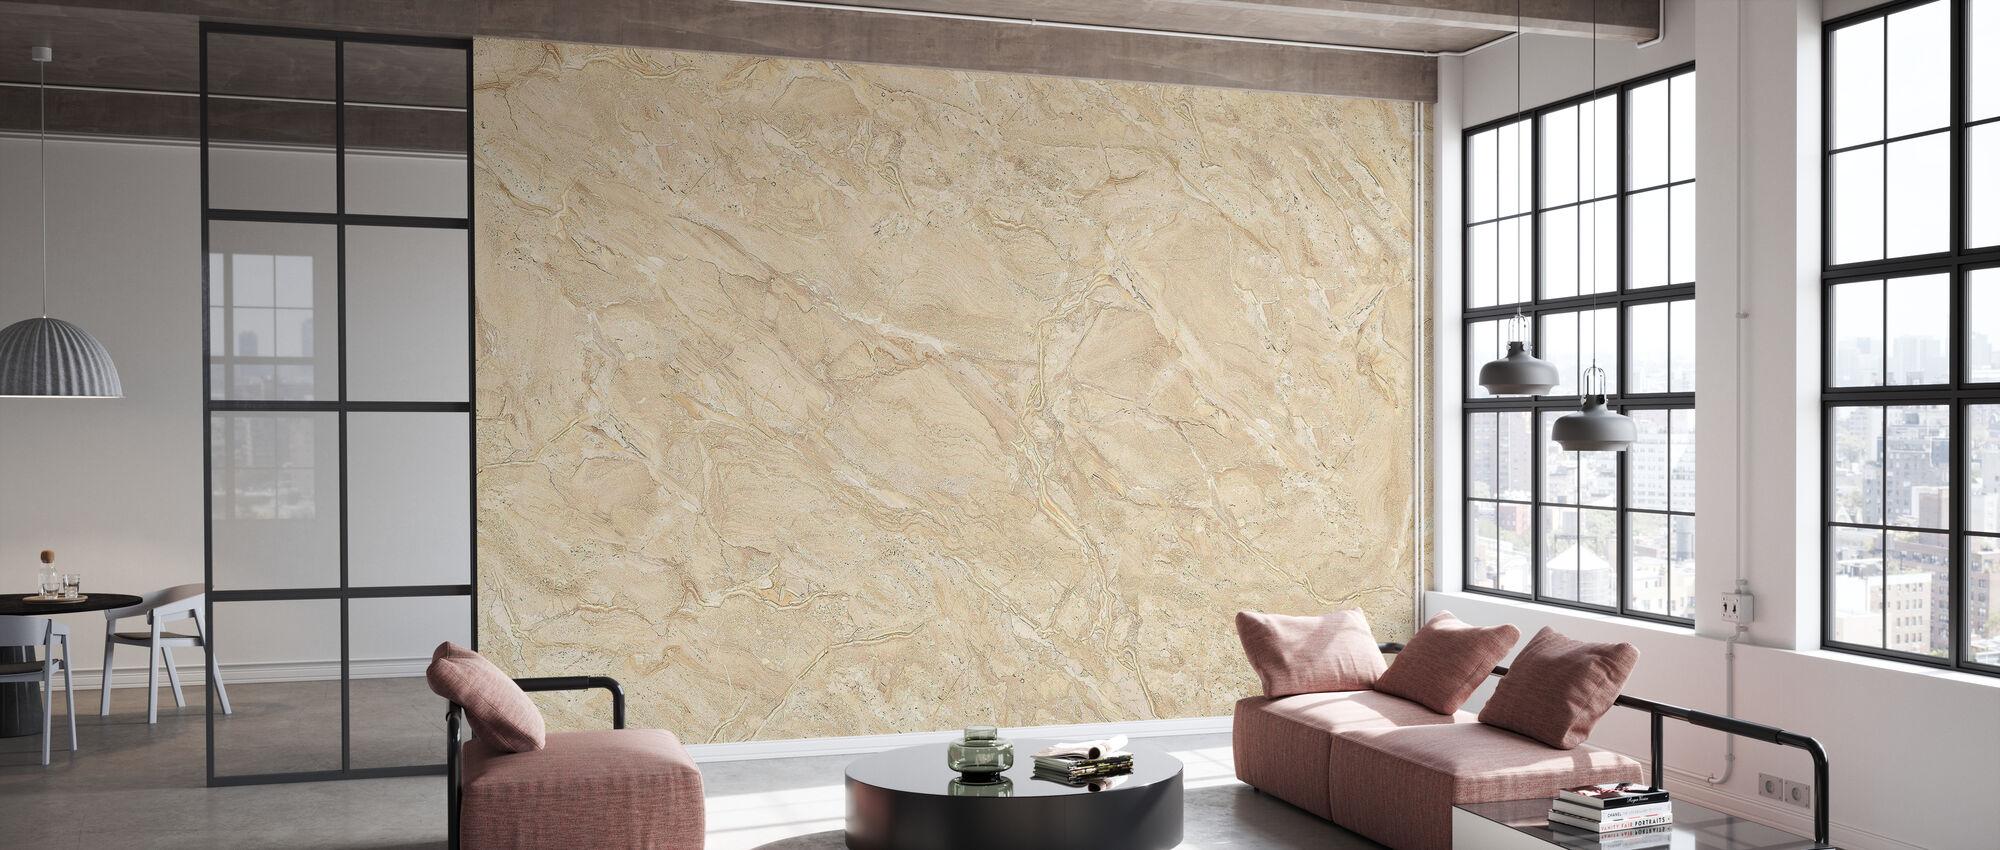 Beige Marble Wall - Wallpaper - Office